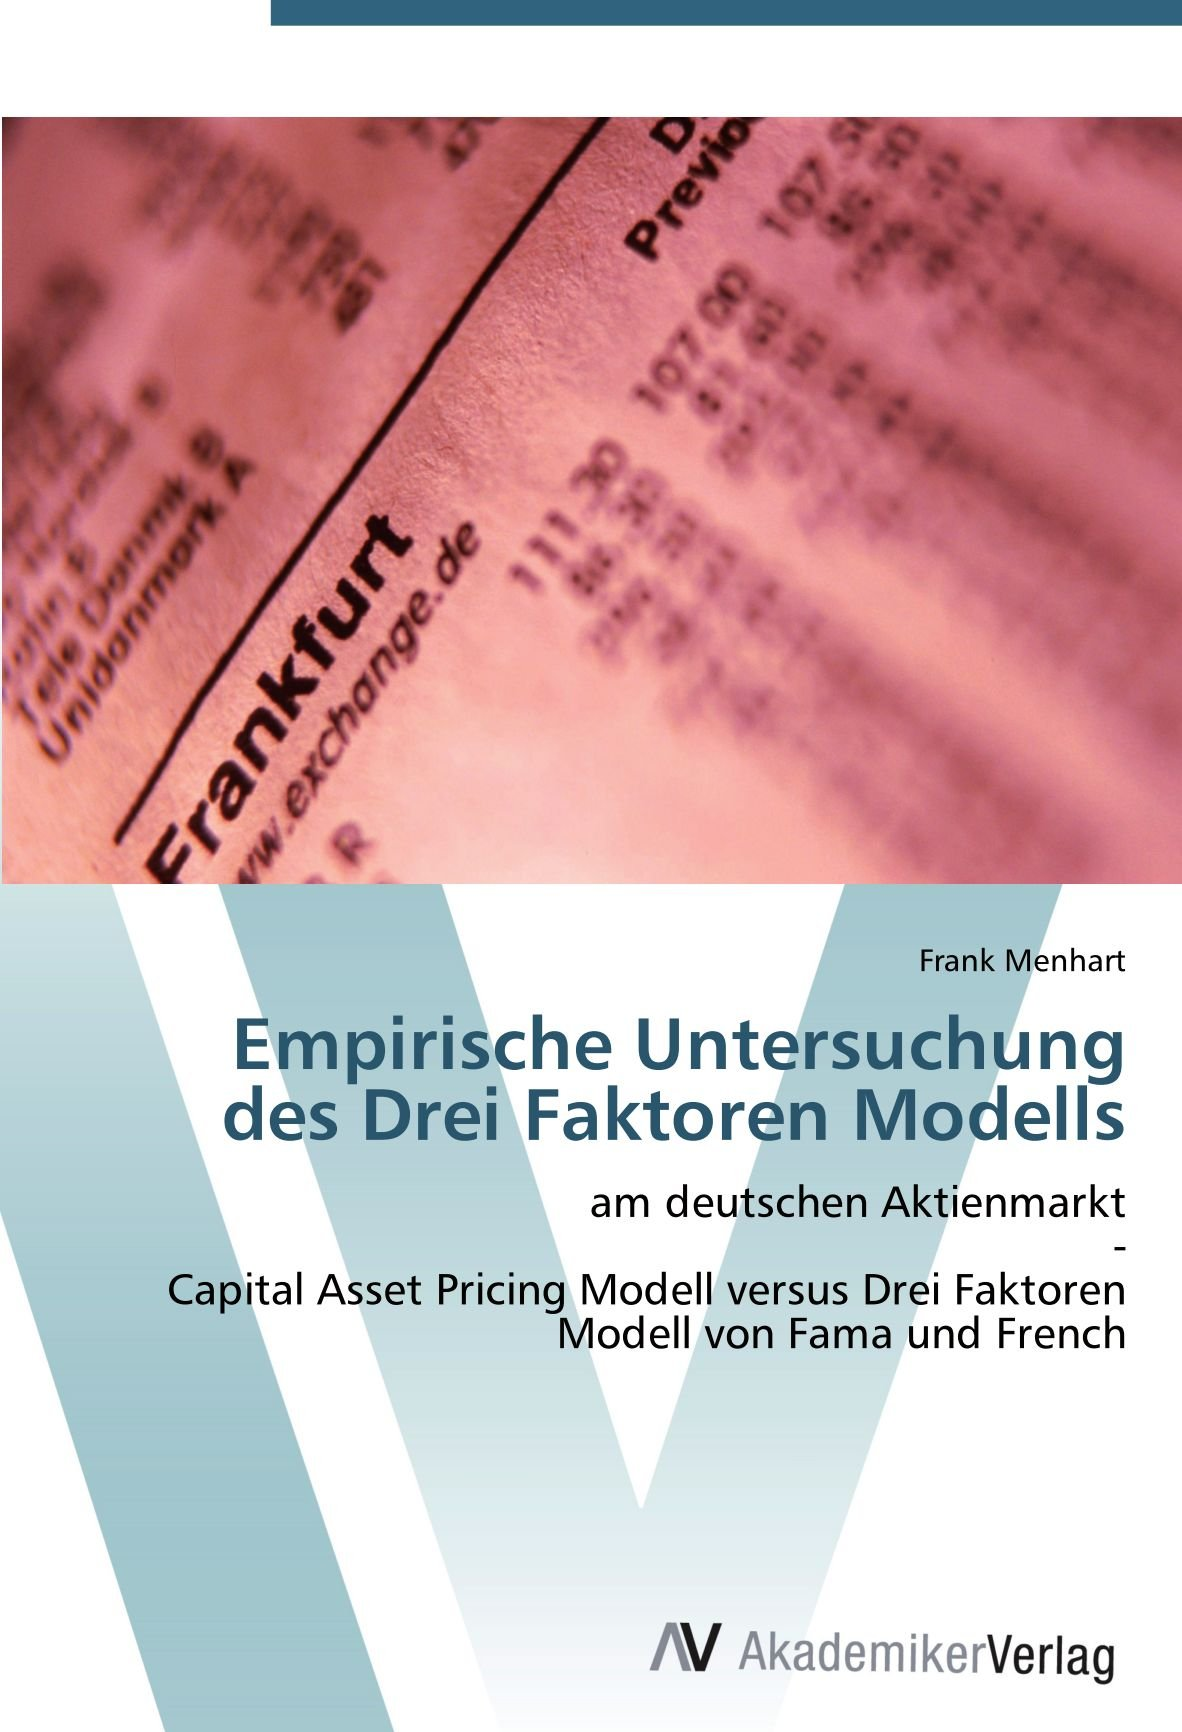 Empirische Untersuchung des Drei Faktoren Modells: am deutschen Aktienmarkt  -  Capital Asset Pricing Modell versus Drei Faktoren Modell von Fama und French (German Edition) PDF